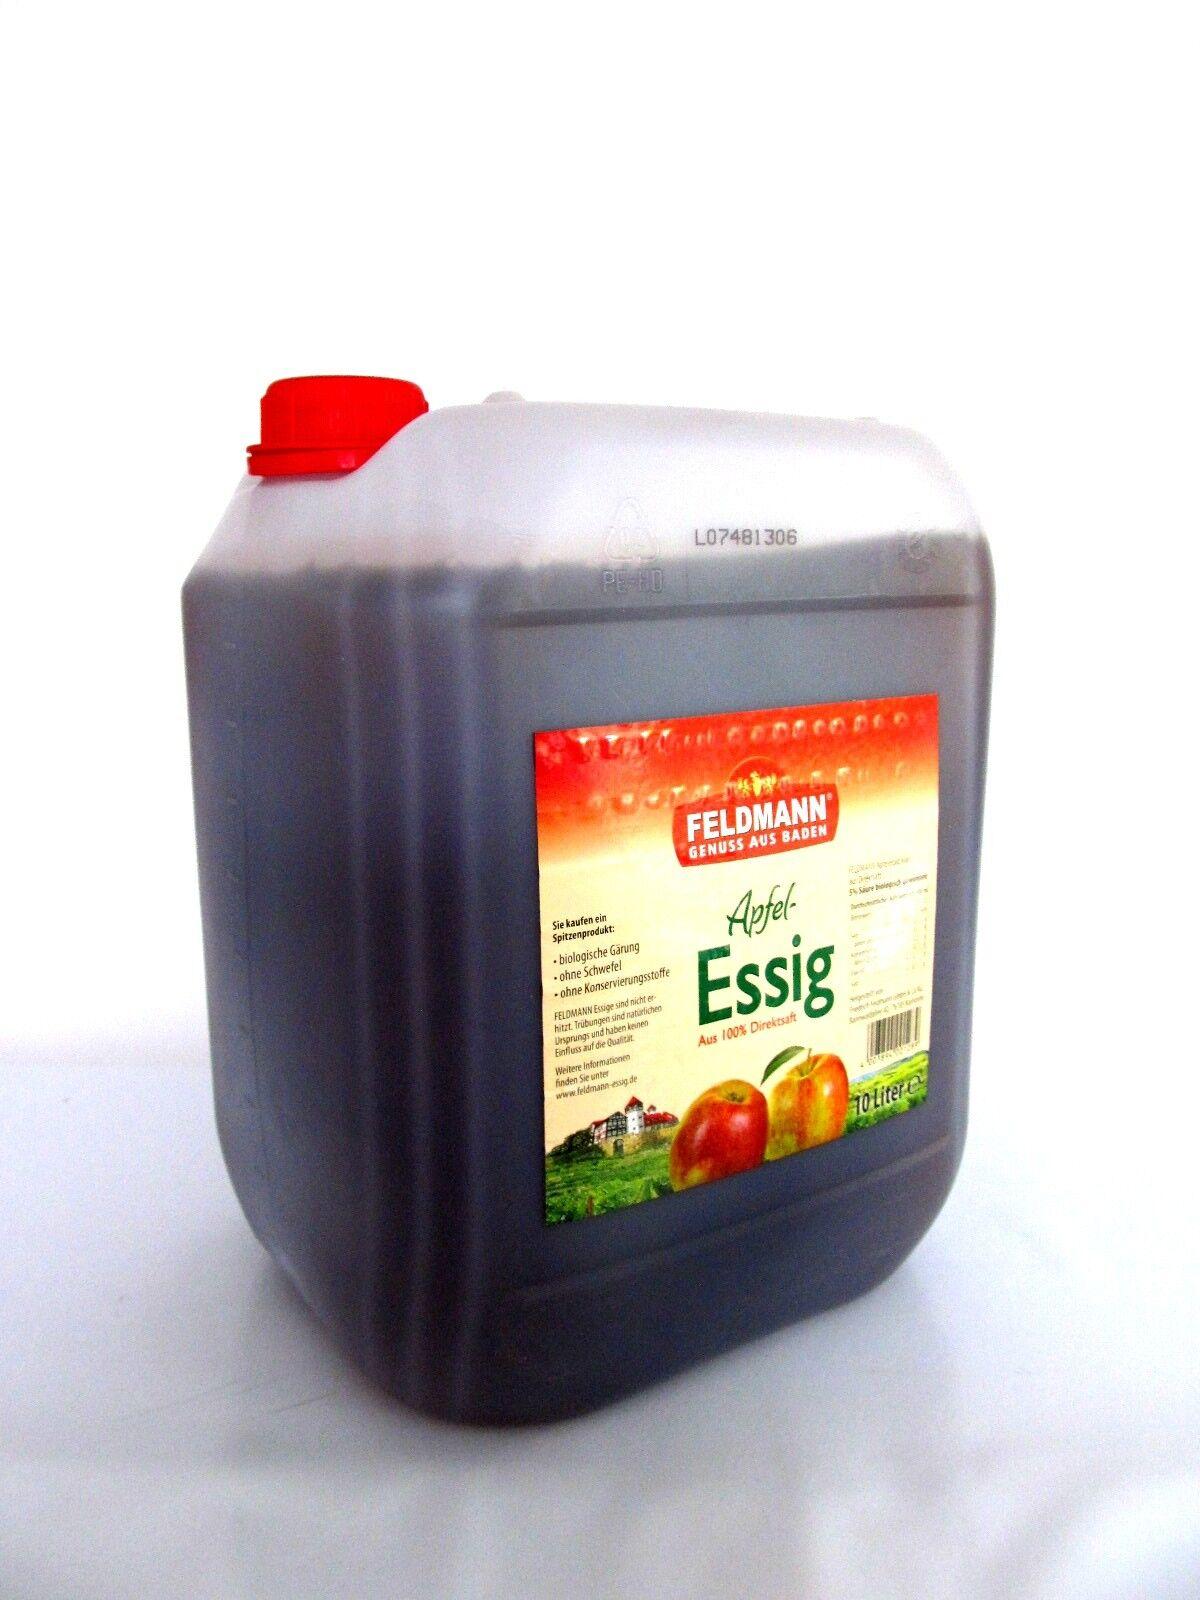 Feldmann Apfel-Essig 10 L Kanister